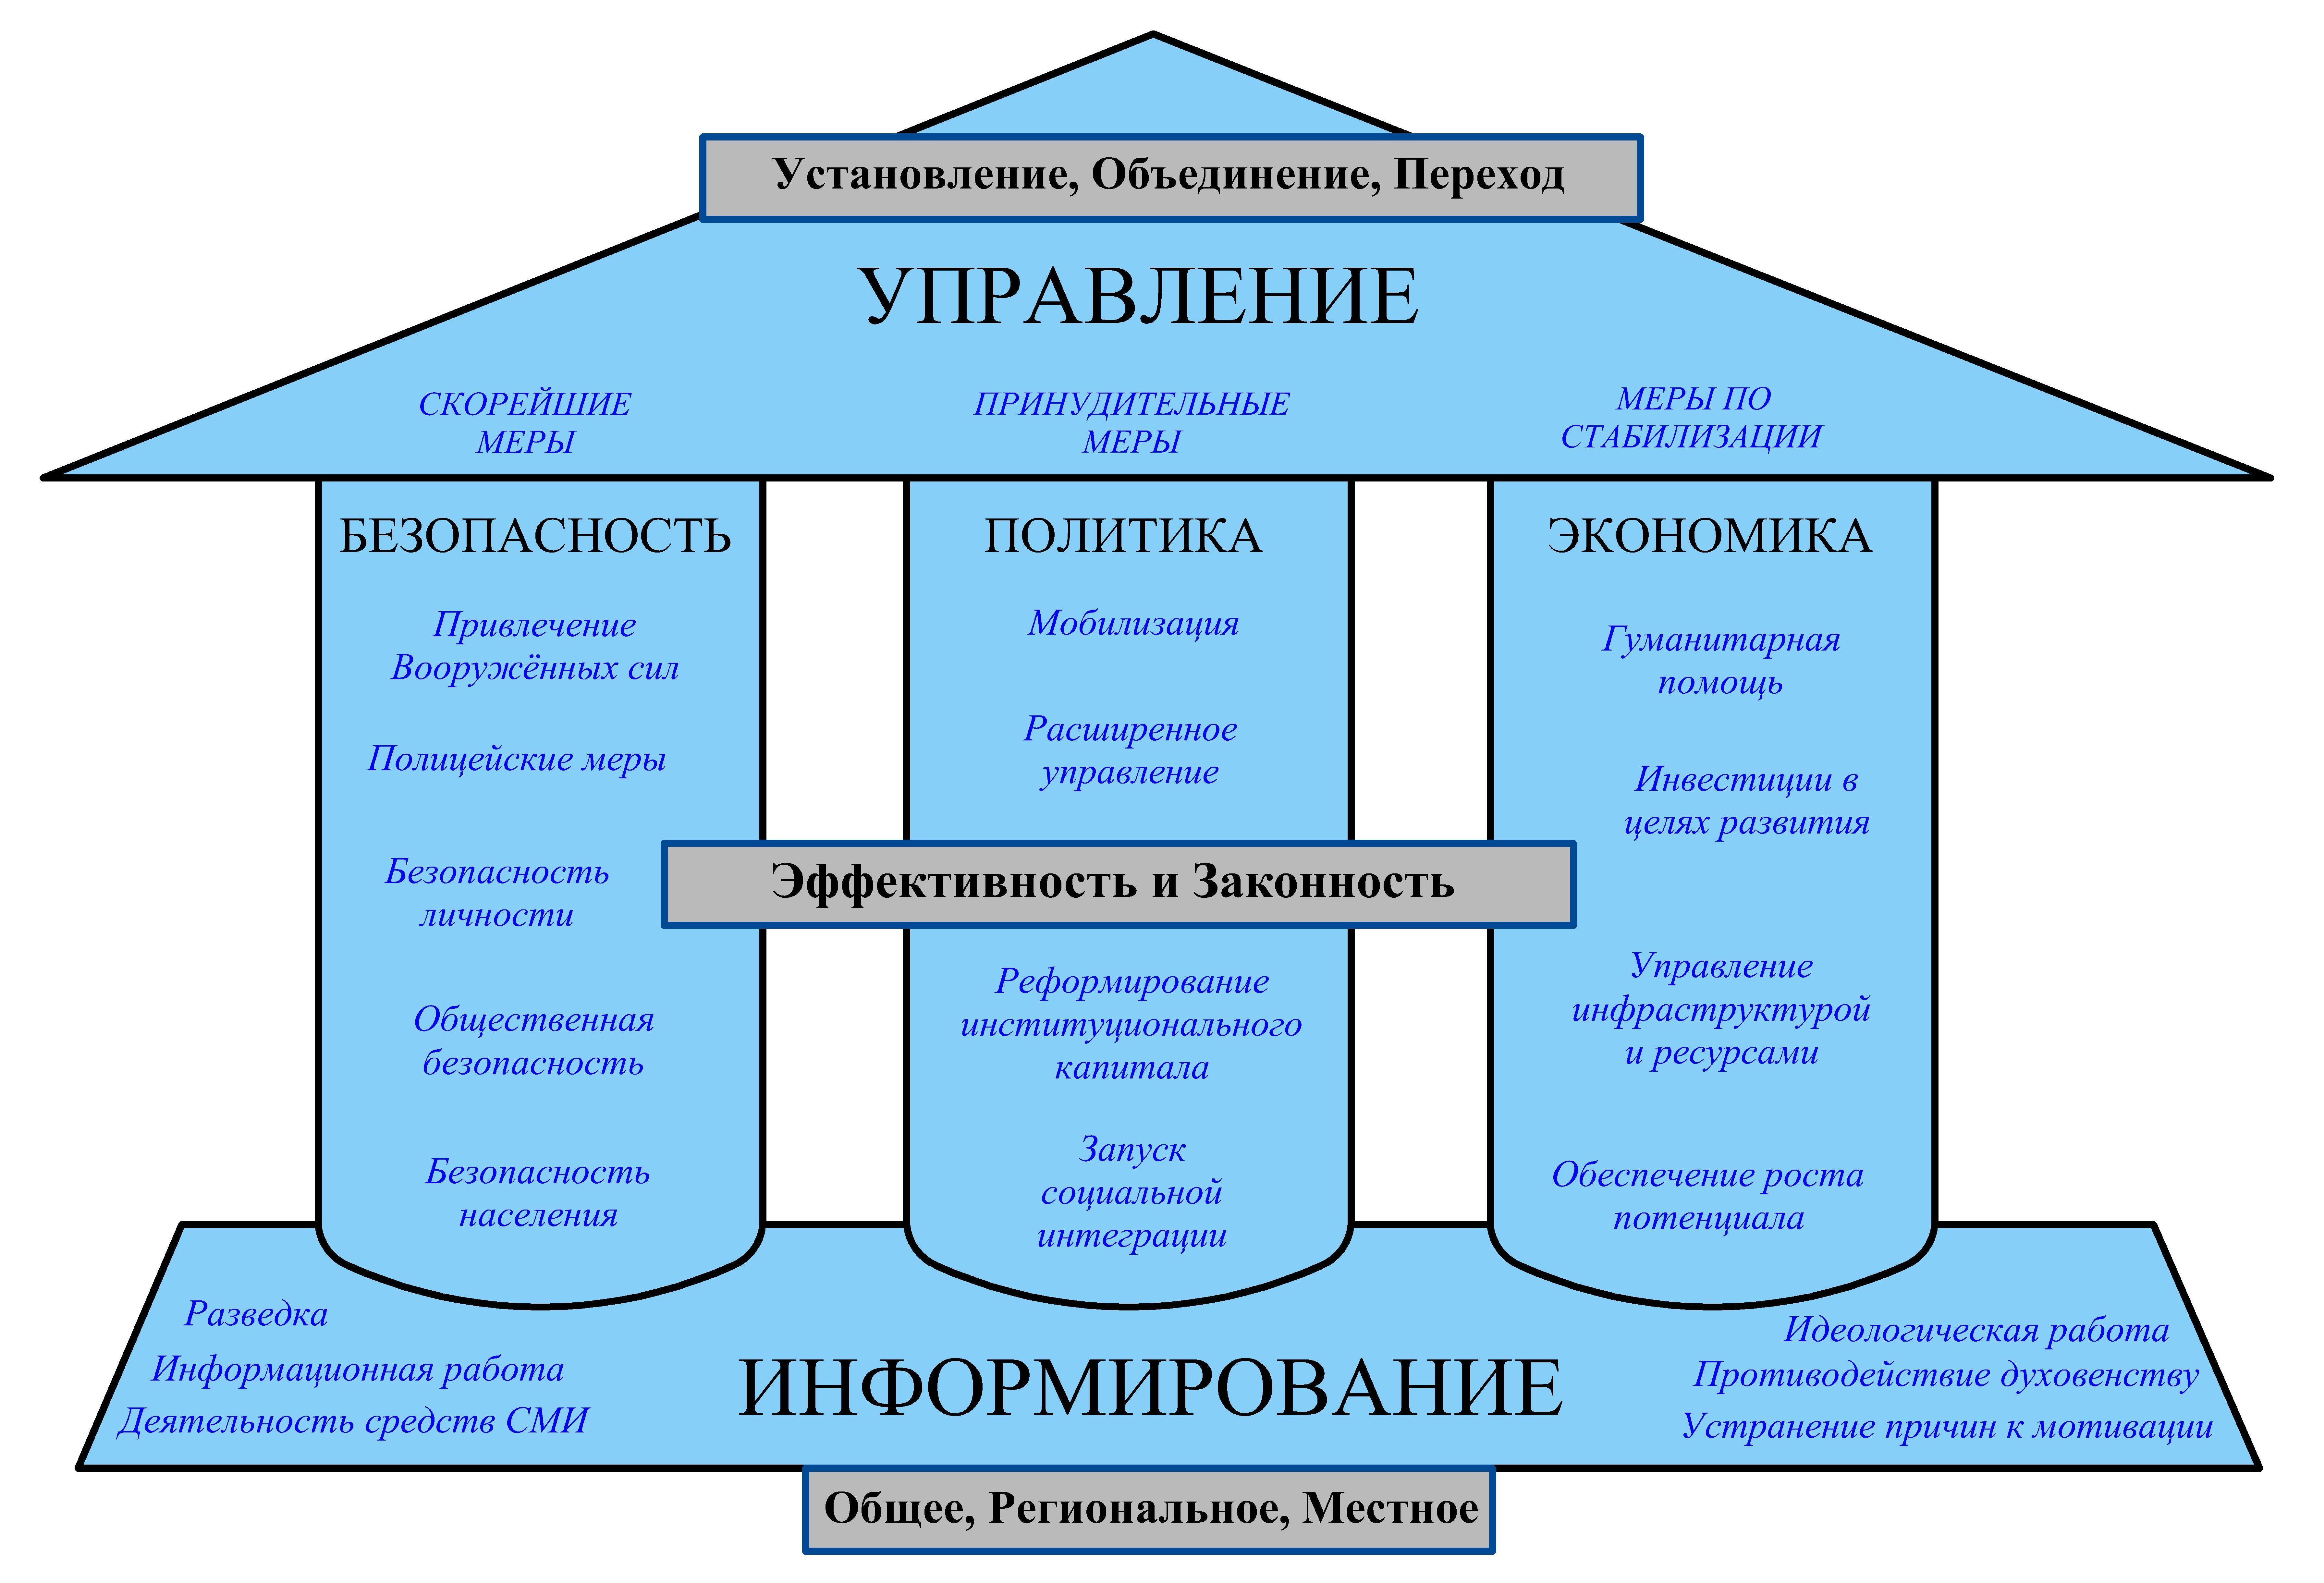 Сотрудничество: определение понятия в психологии